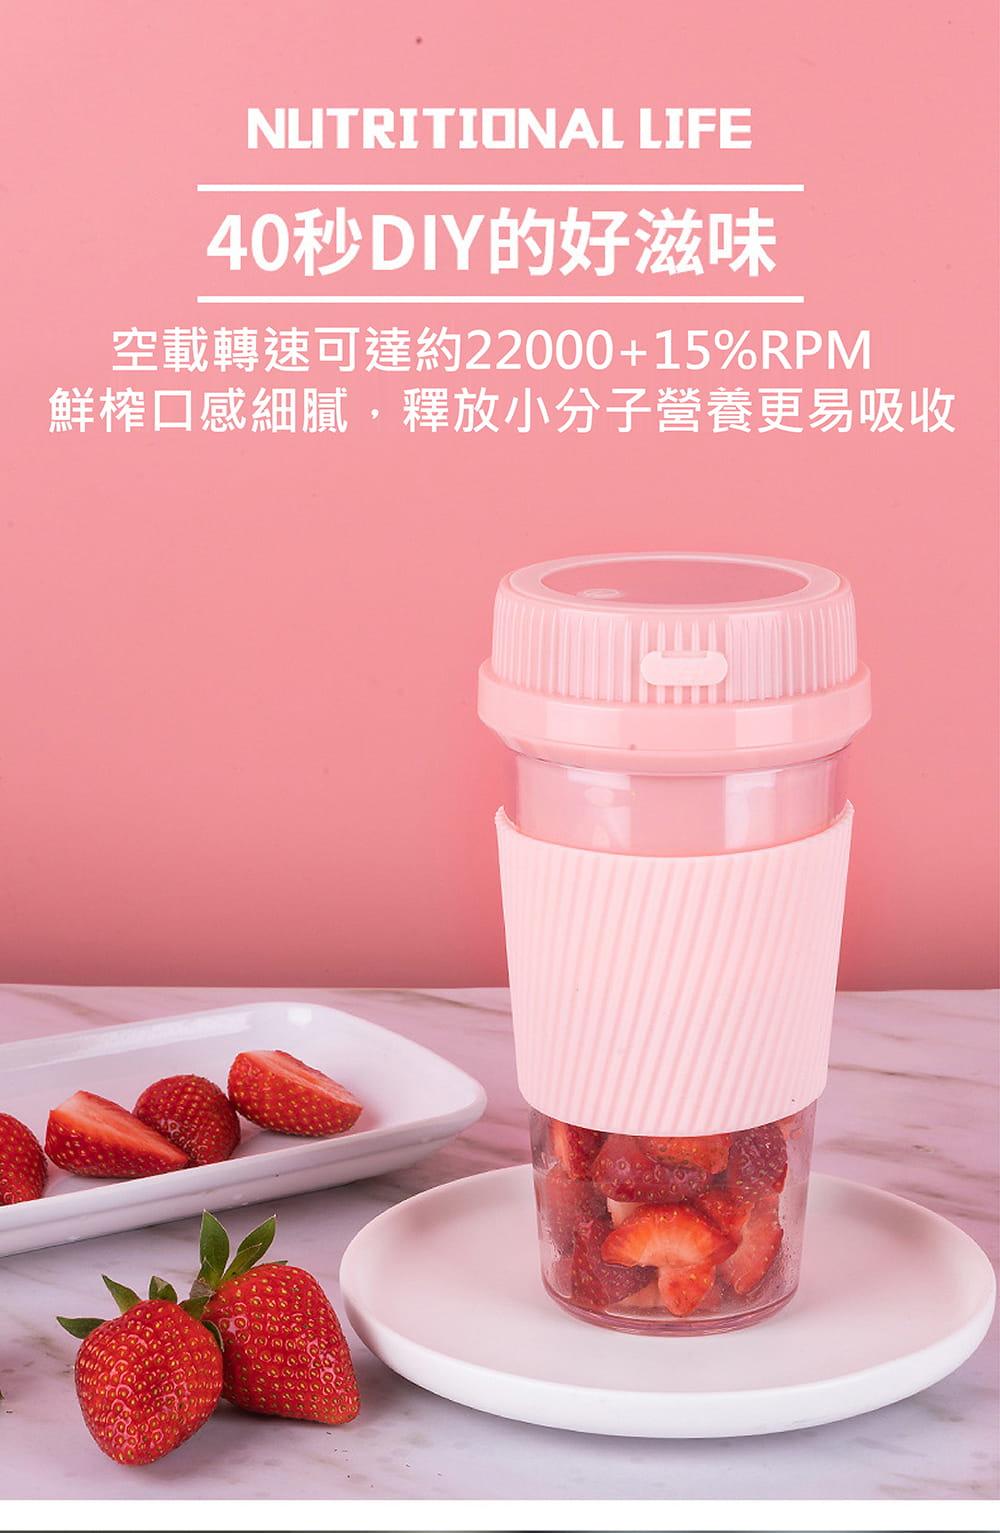 【英才星】隨身電動杯裝果汁榨汁機 11